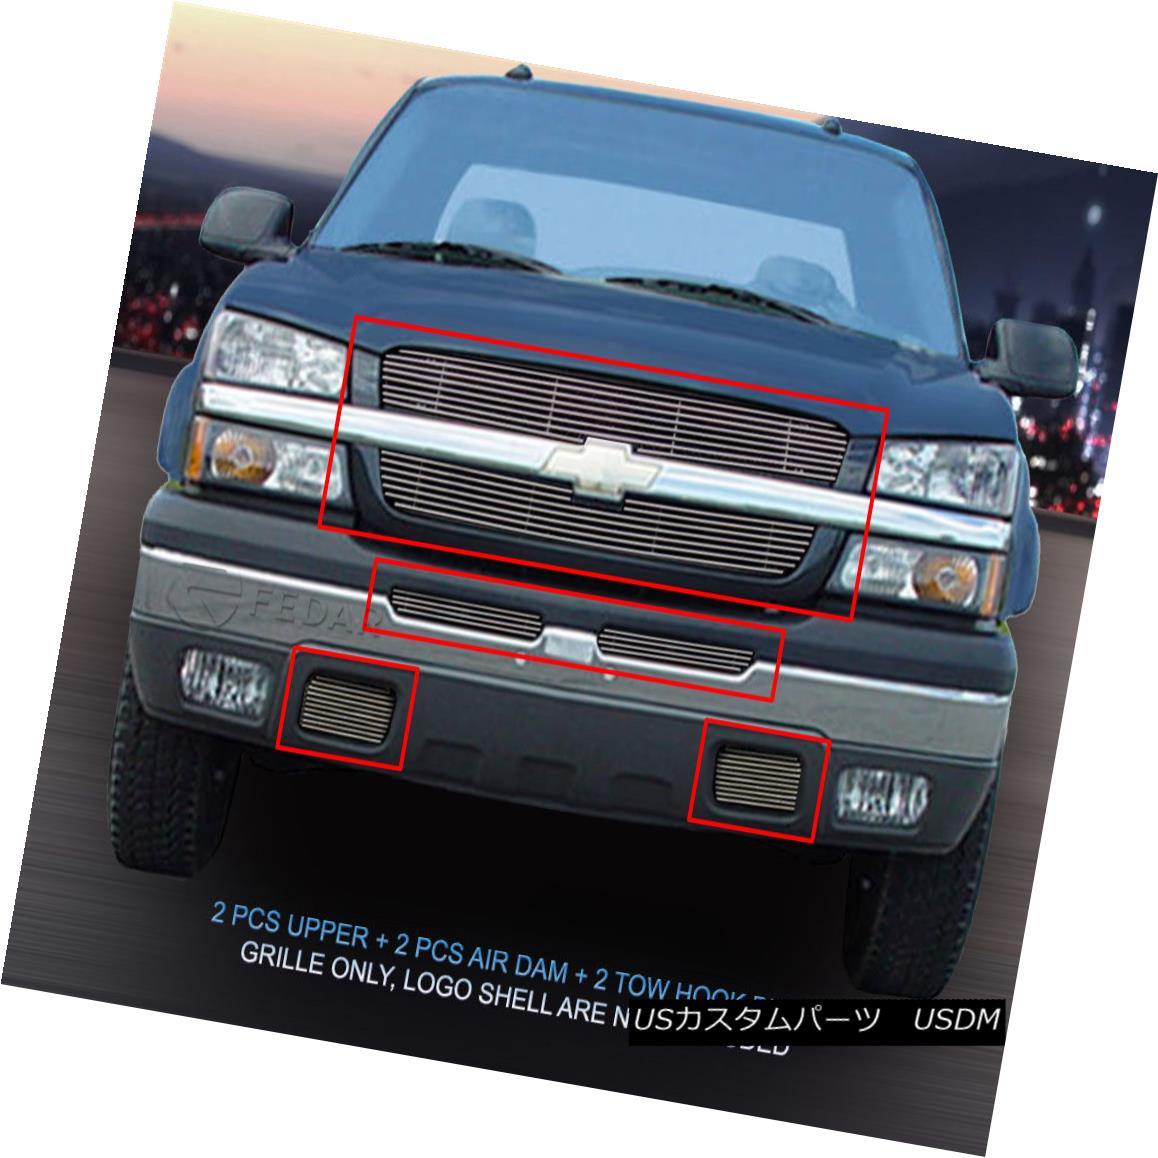 グリル Fits 2003-2004 Chevy Silverado 1500/2500/1500HD/3500 Polished Billet Grille 2003-2004 Chevy Silverado 1500/2500/1500 HD / 3500ポリッシュビレットグリルに適合